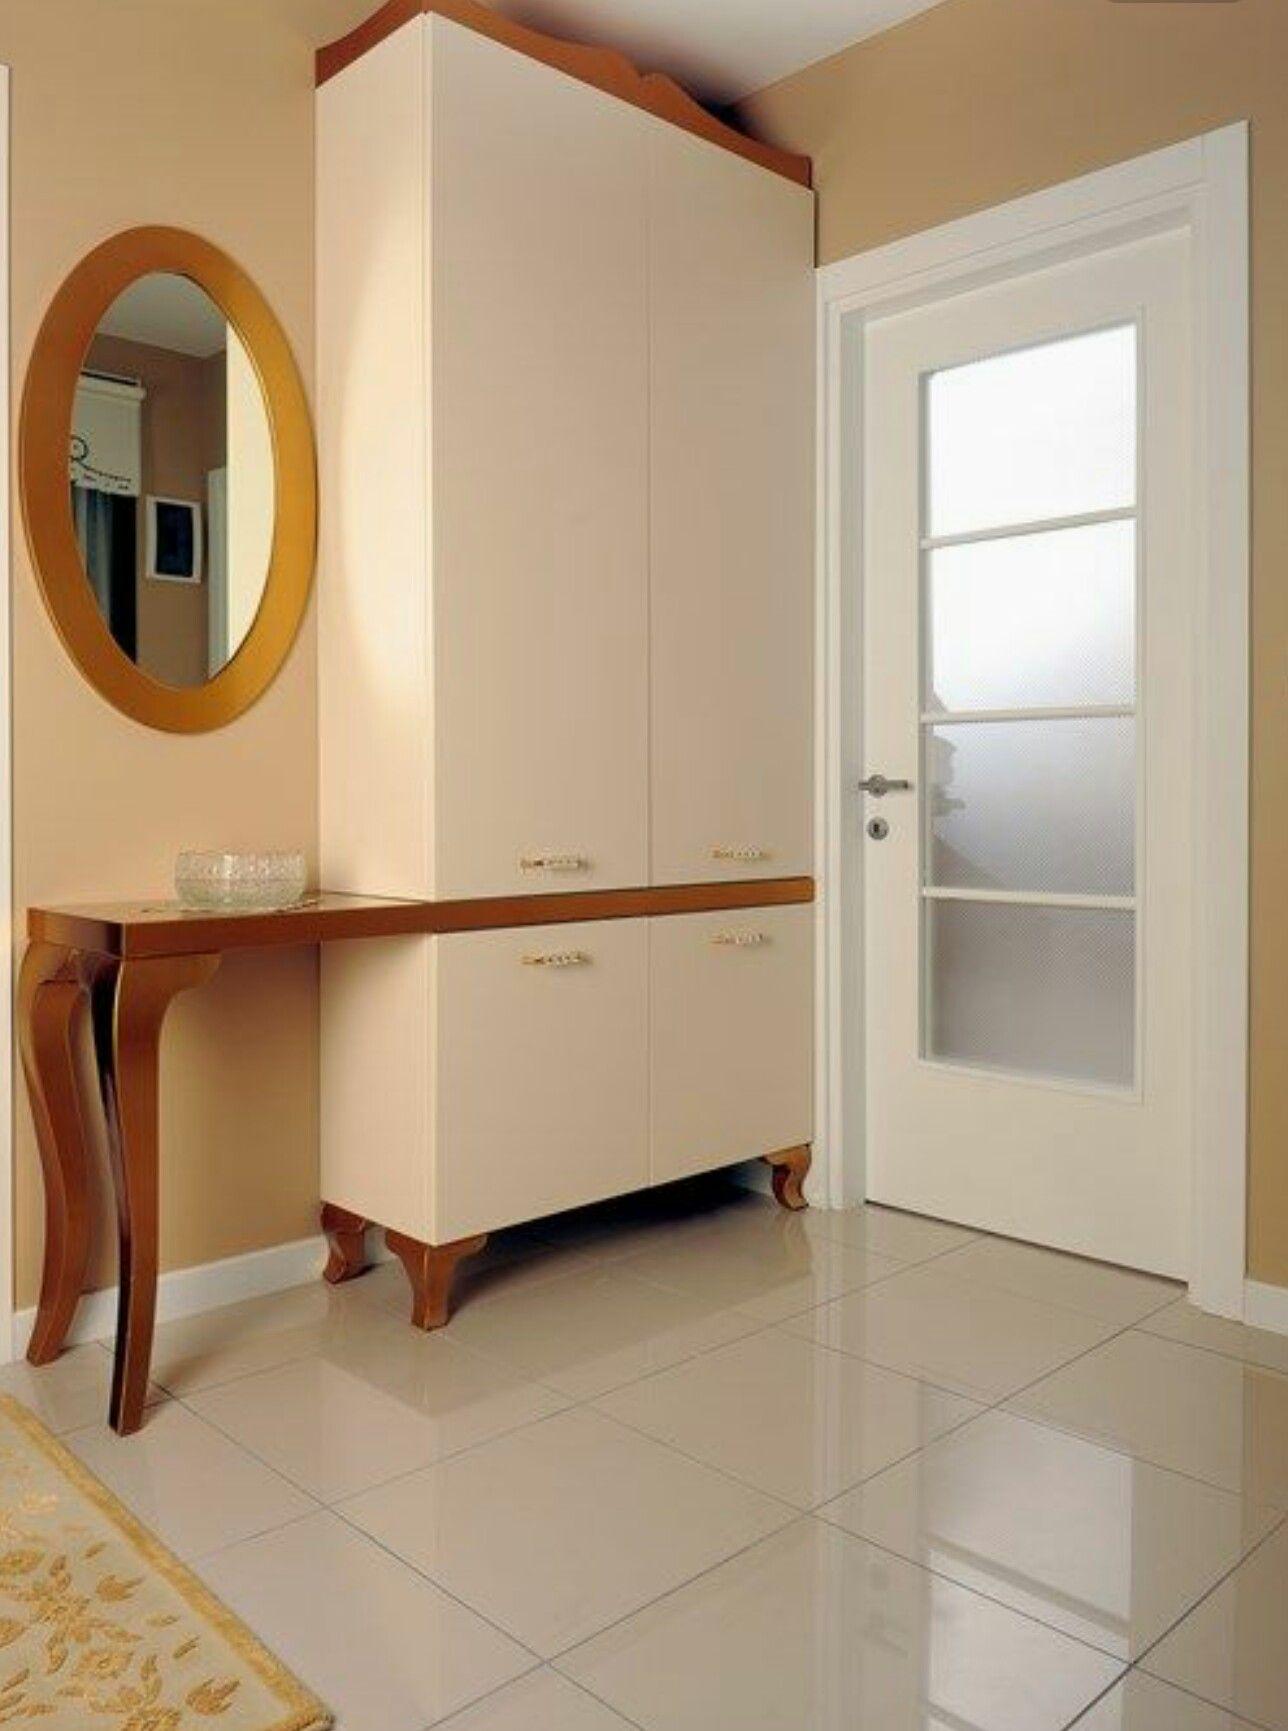 Hereve hal dan 2013 modern hal modelleri ev dekorasyon - Bellona Mobilya Kanepe Modelleri Ve Fiyatlar Mobilyaya Bak Pinterest